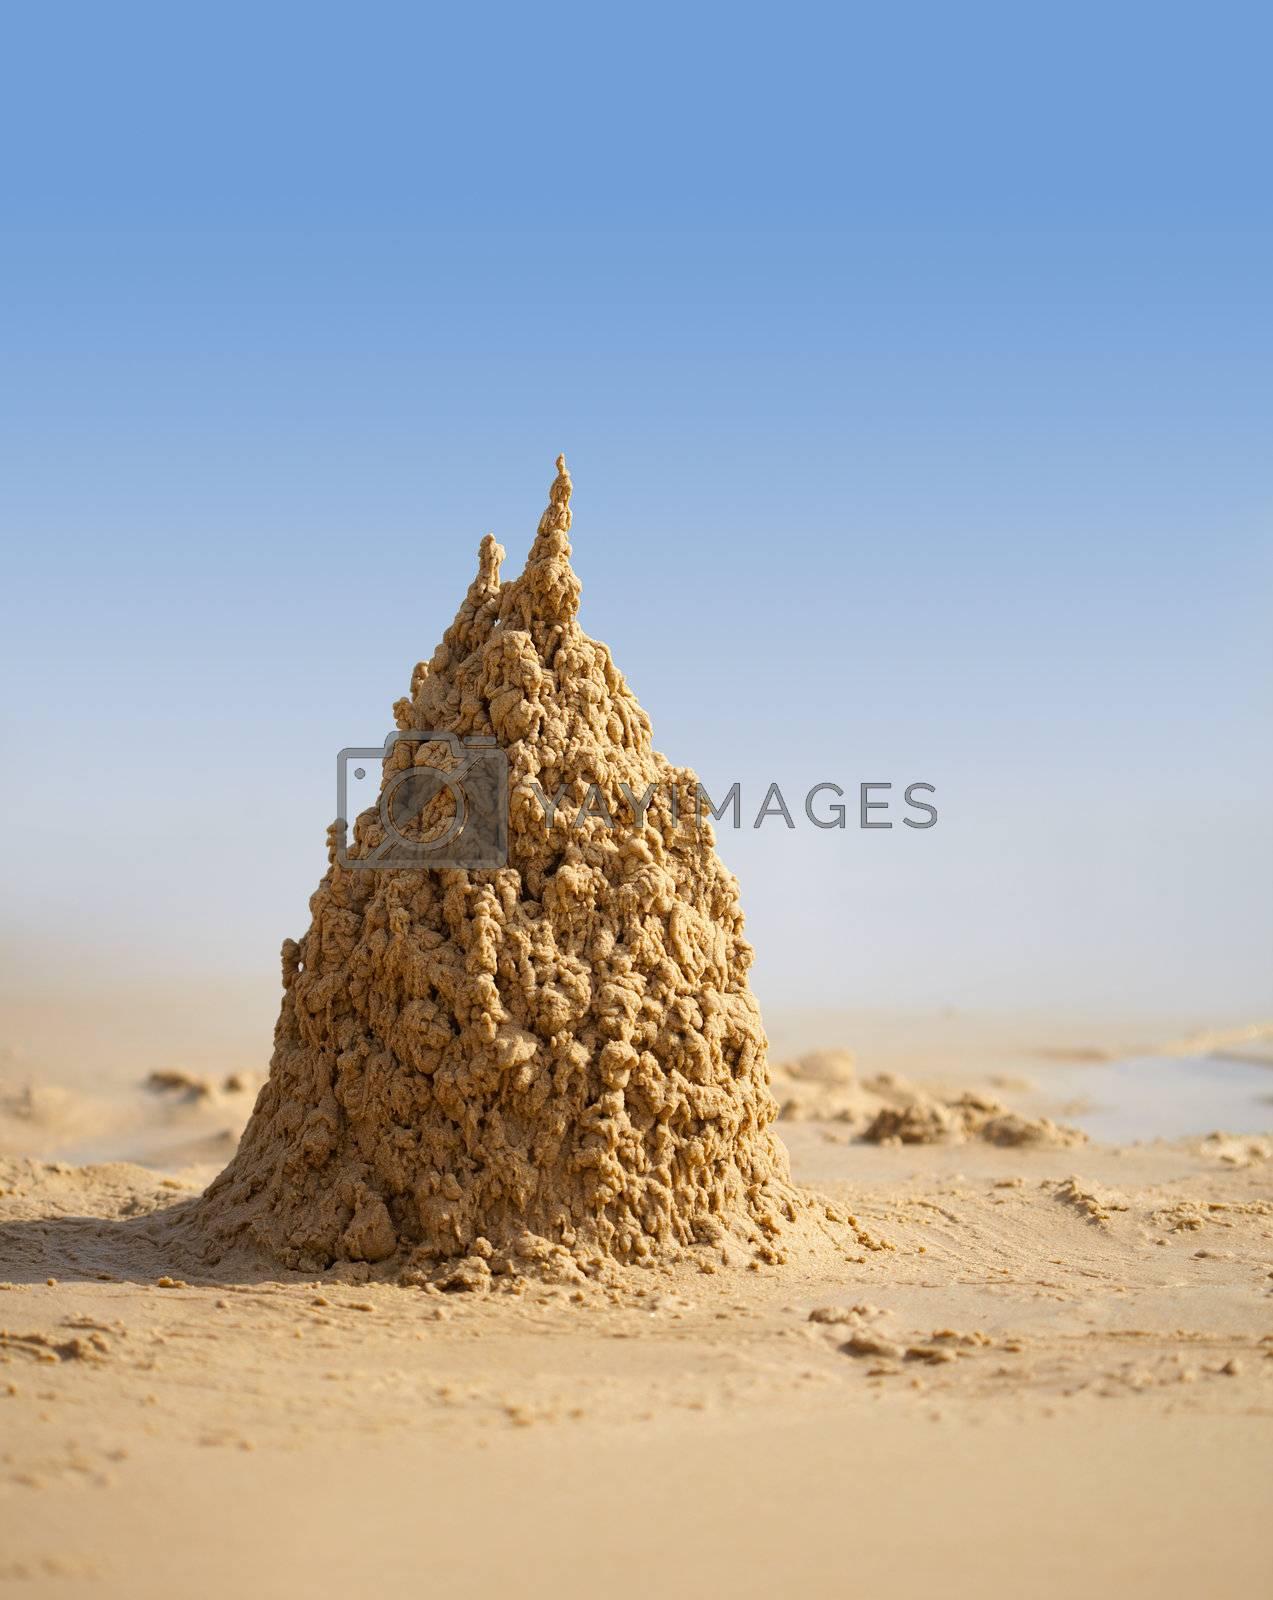 Surreal sand castle on a sunny tropical beach